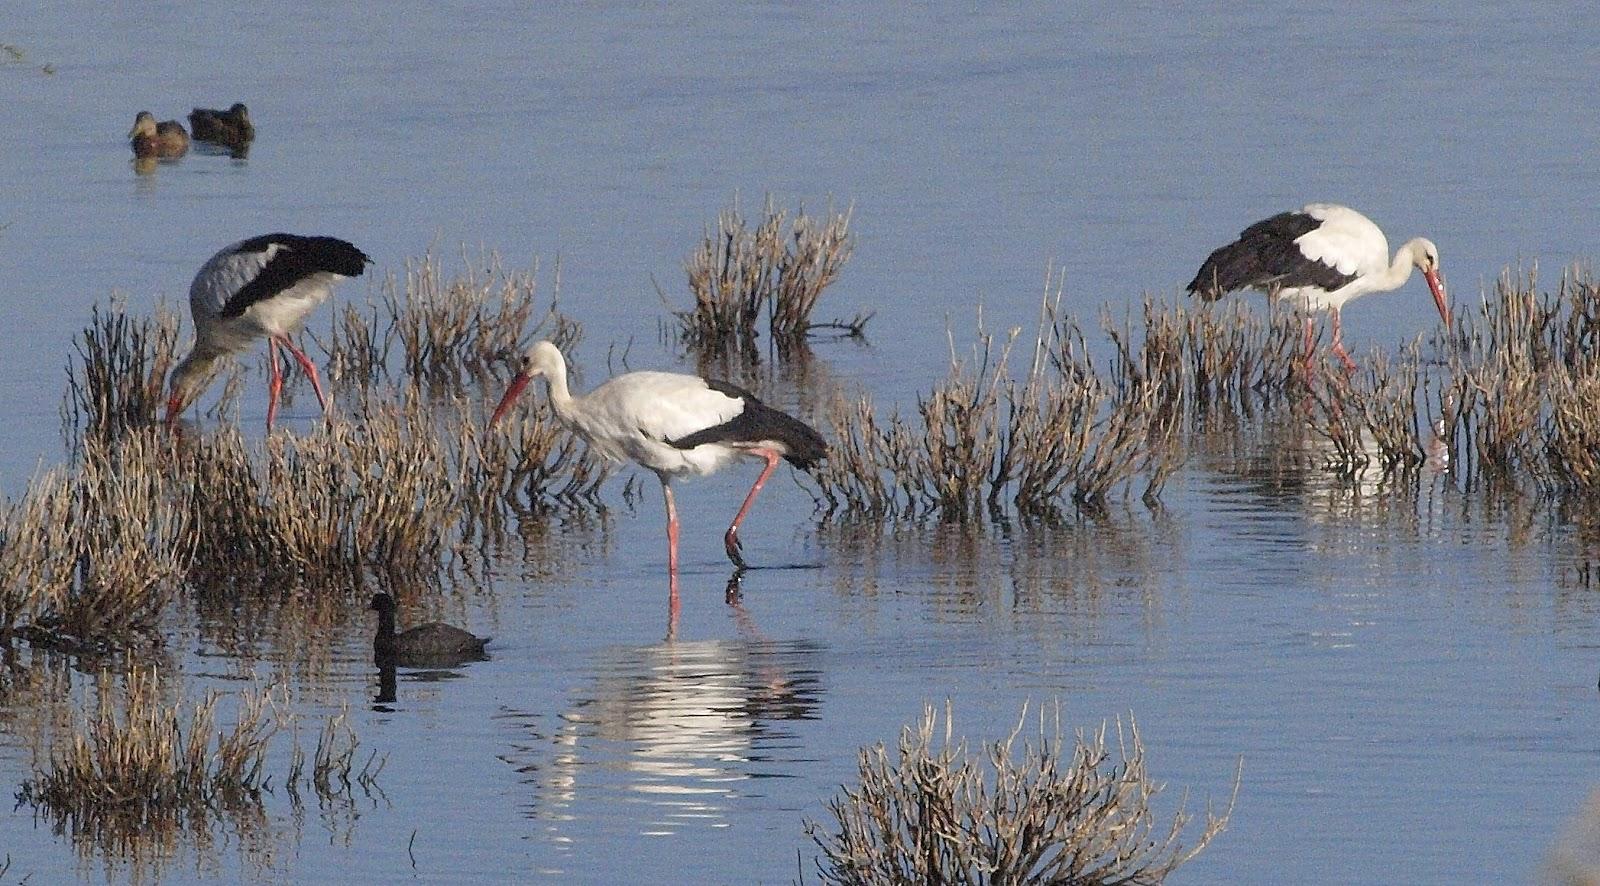 Birding the costa 14 08 laguna dulce fuente de piedra - Fuentes de piedra ...